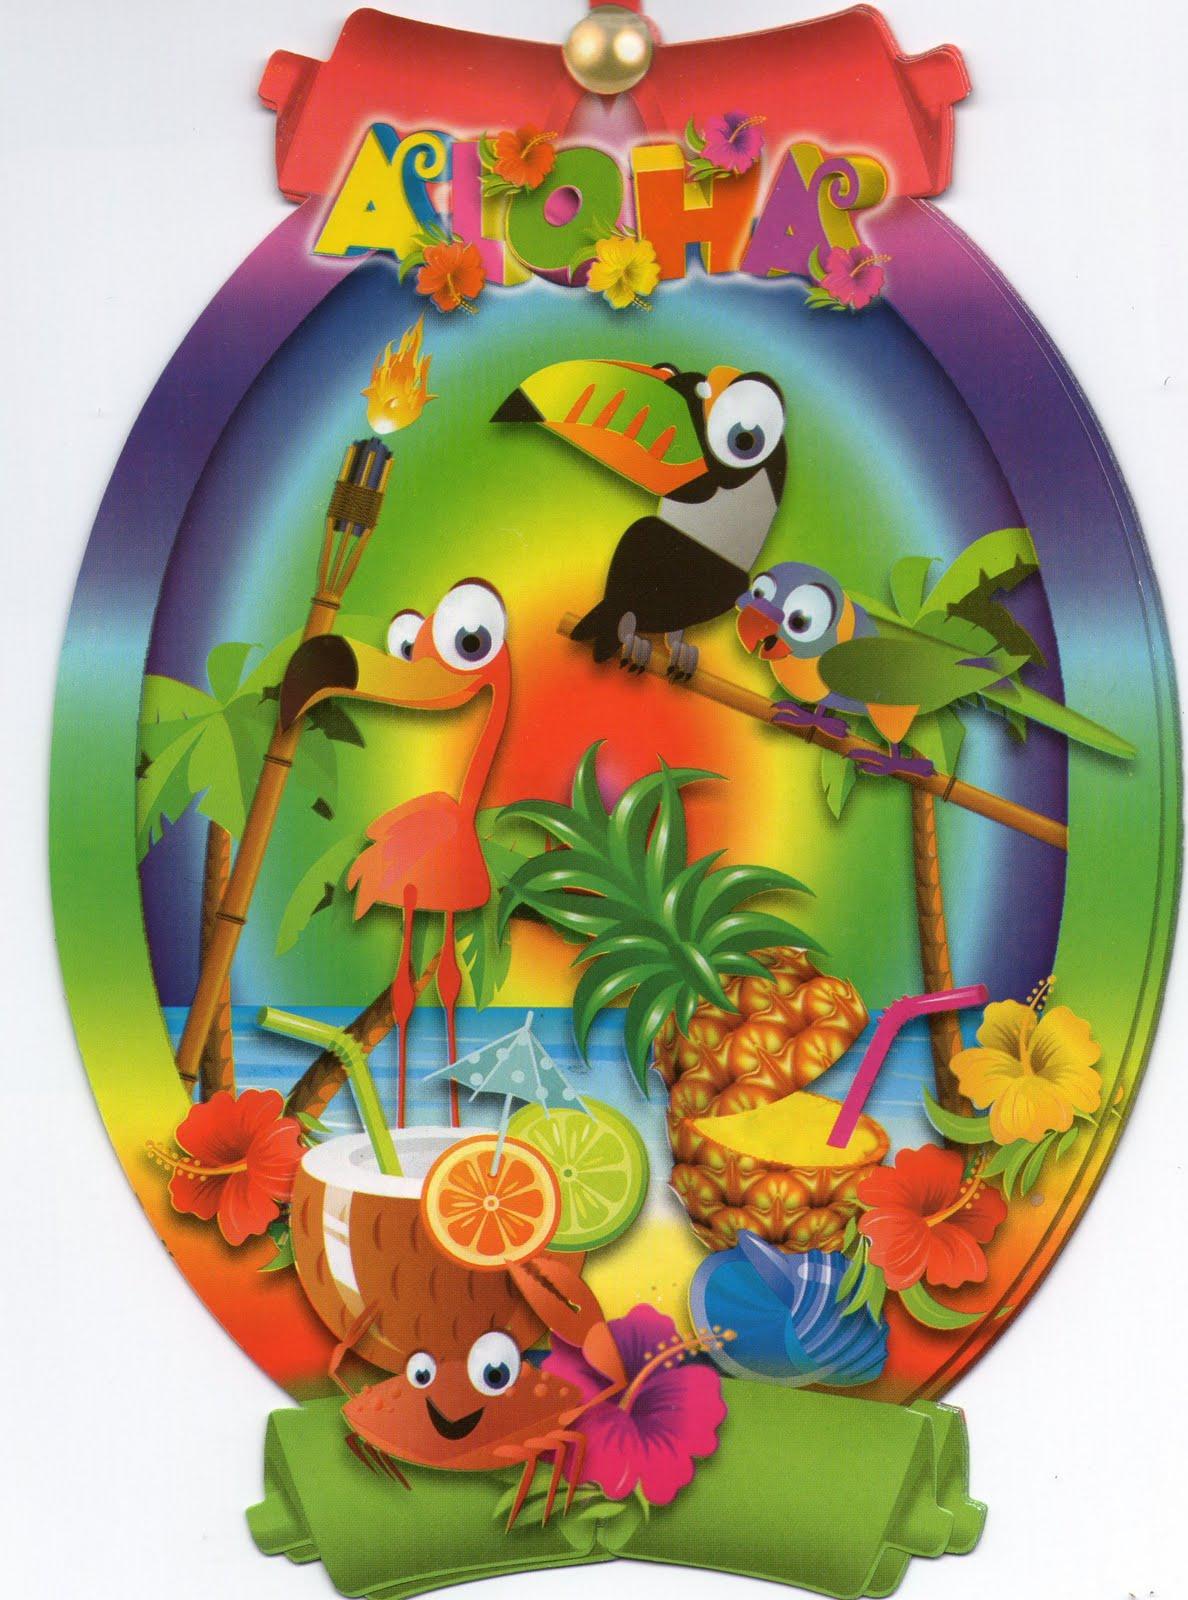 Decoracion Hawaiana Cumplea?os ~ Fiestas tematicas infantiles medellin celebracion cumplea?os primeras